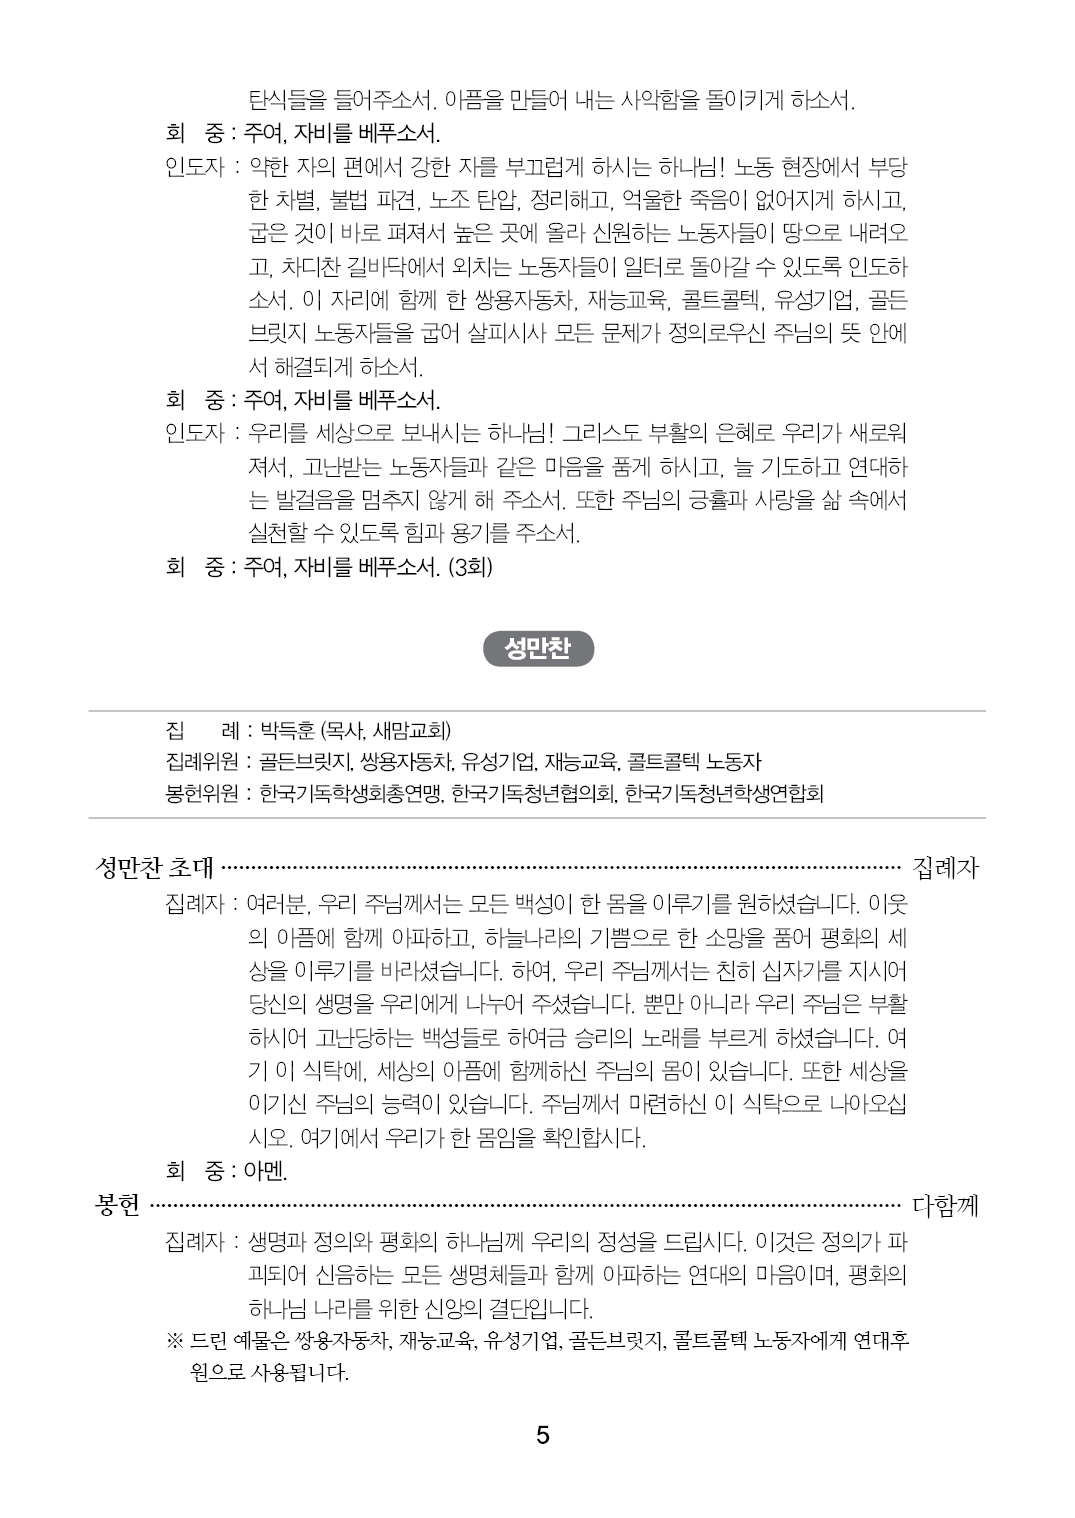 2013부활절연합예배_순서지5.jpg